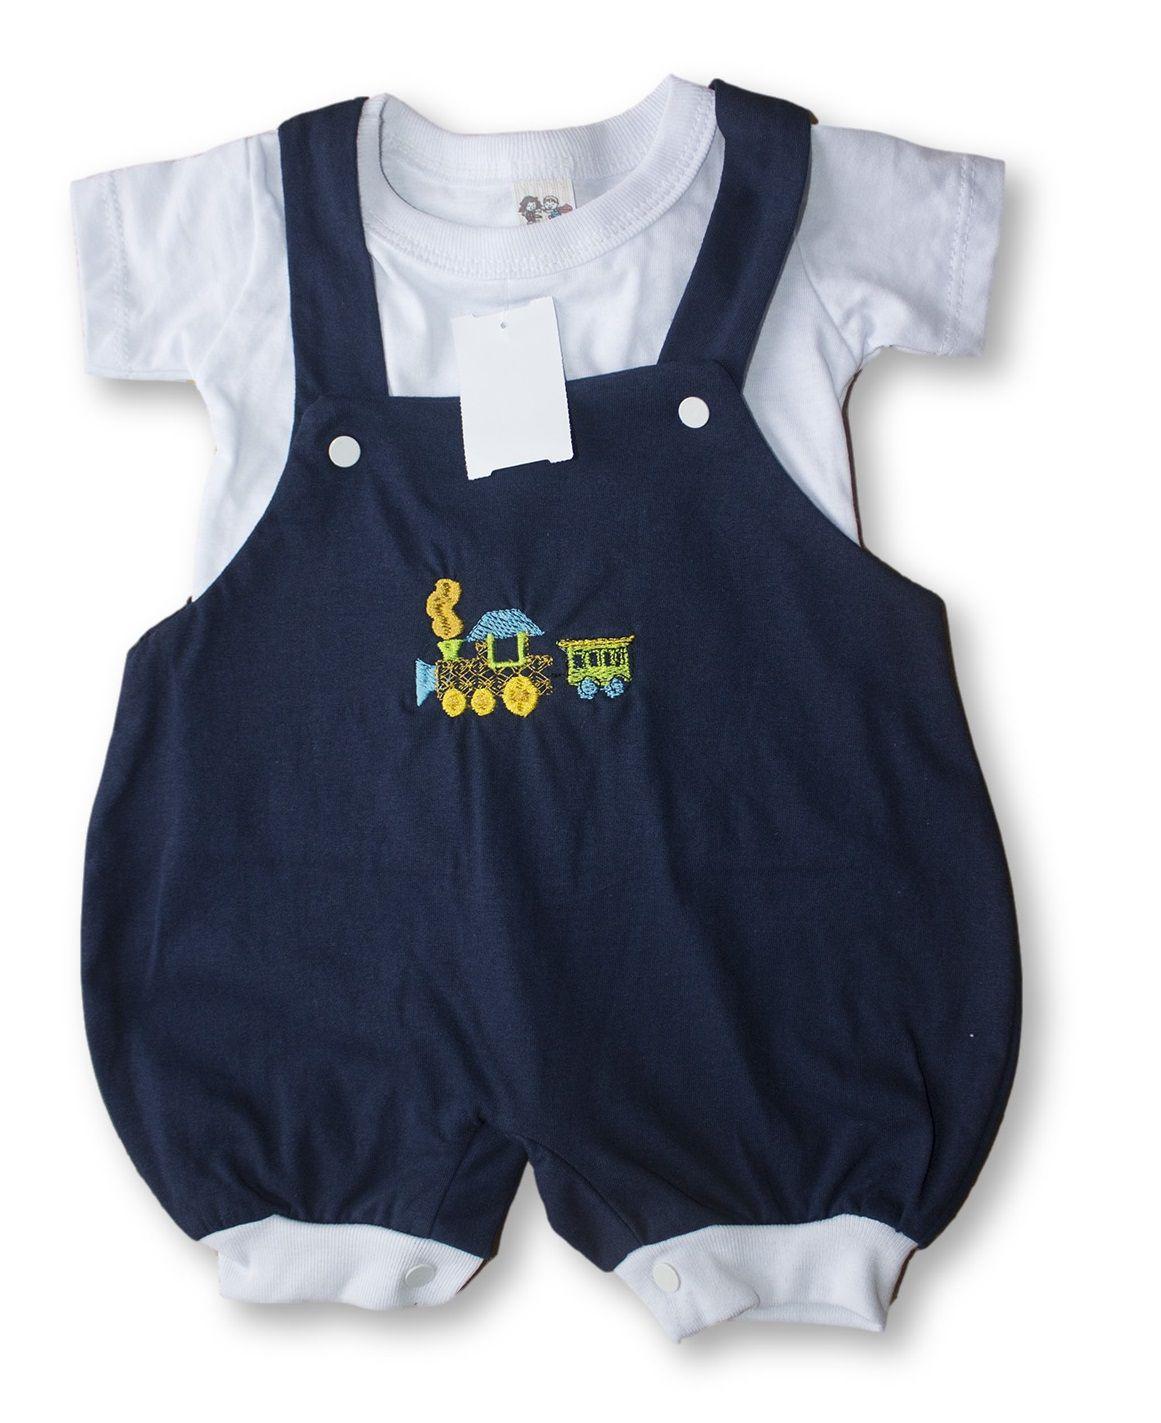 Macacão Bebe Recém Nascido Masculino Bordado Cod 9079